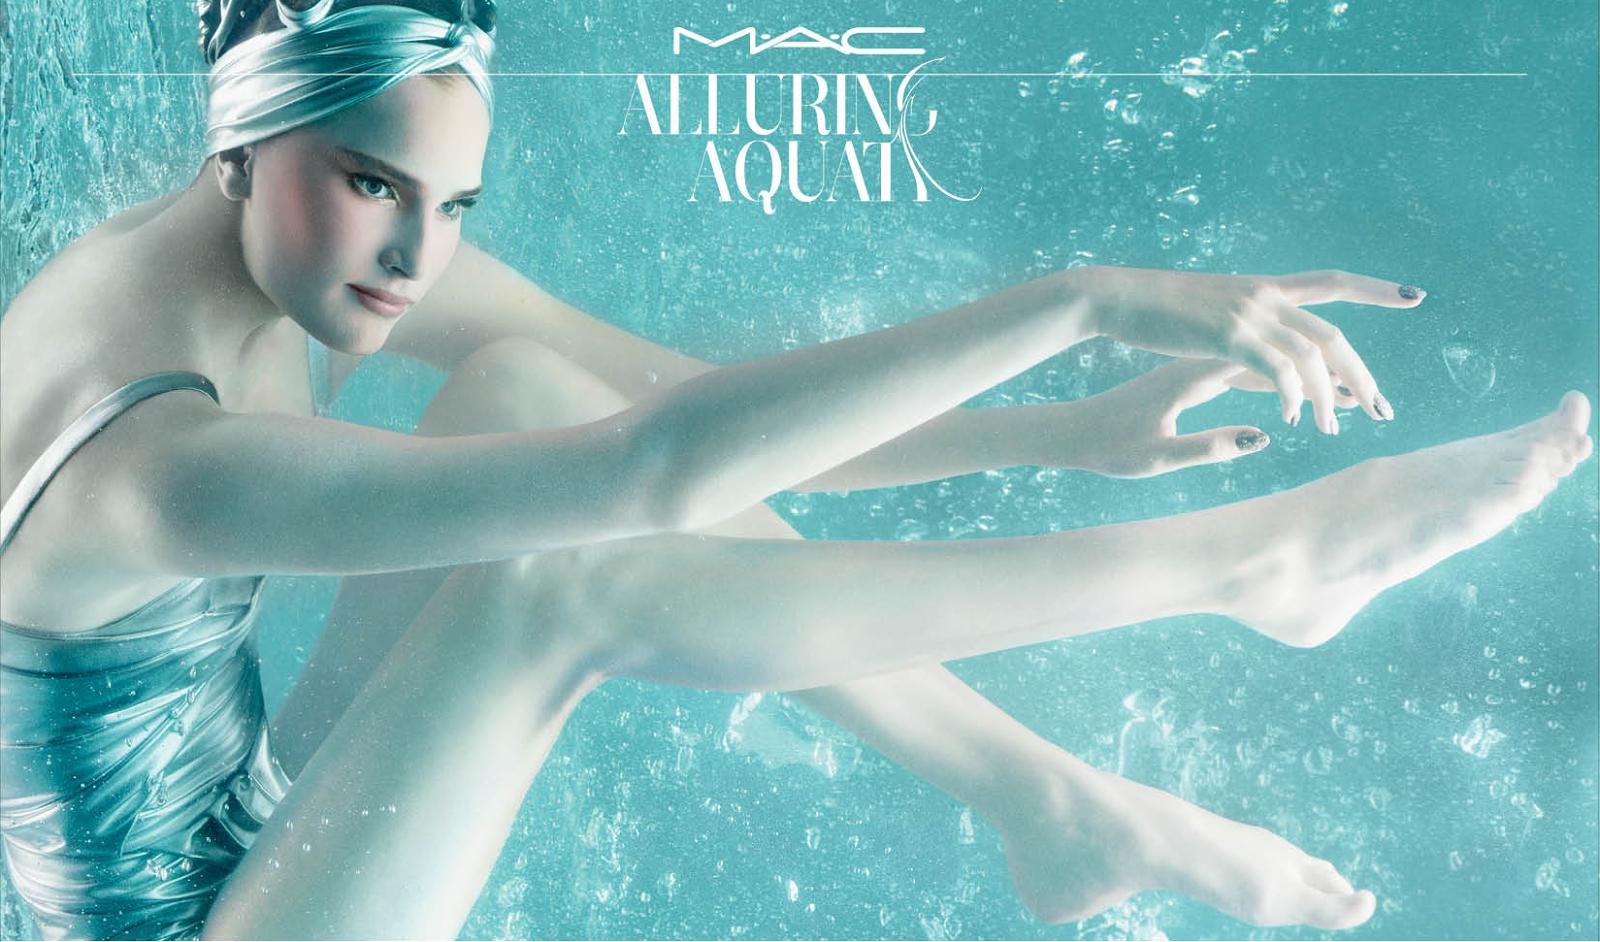 MAC Alluring Aquatic